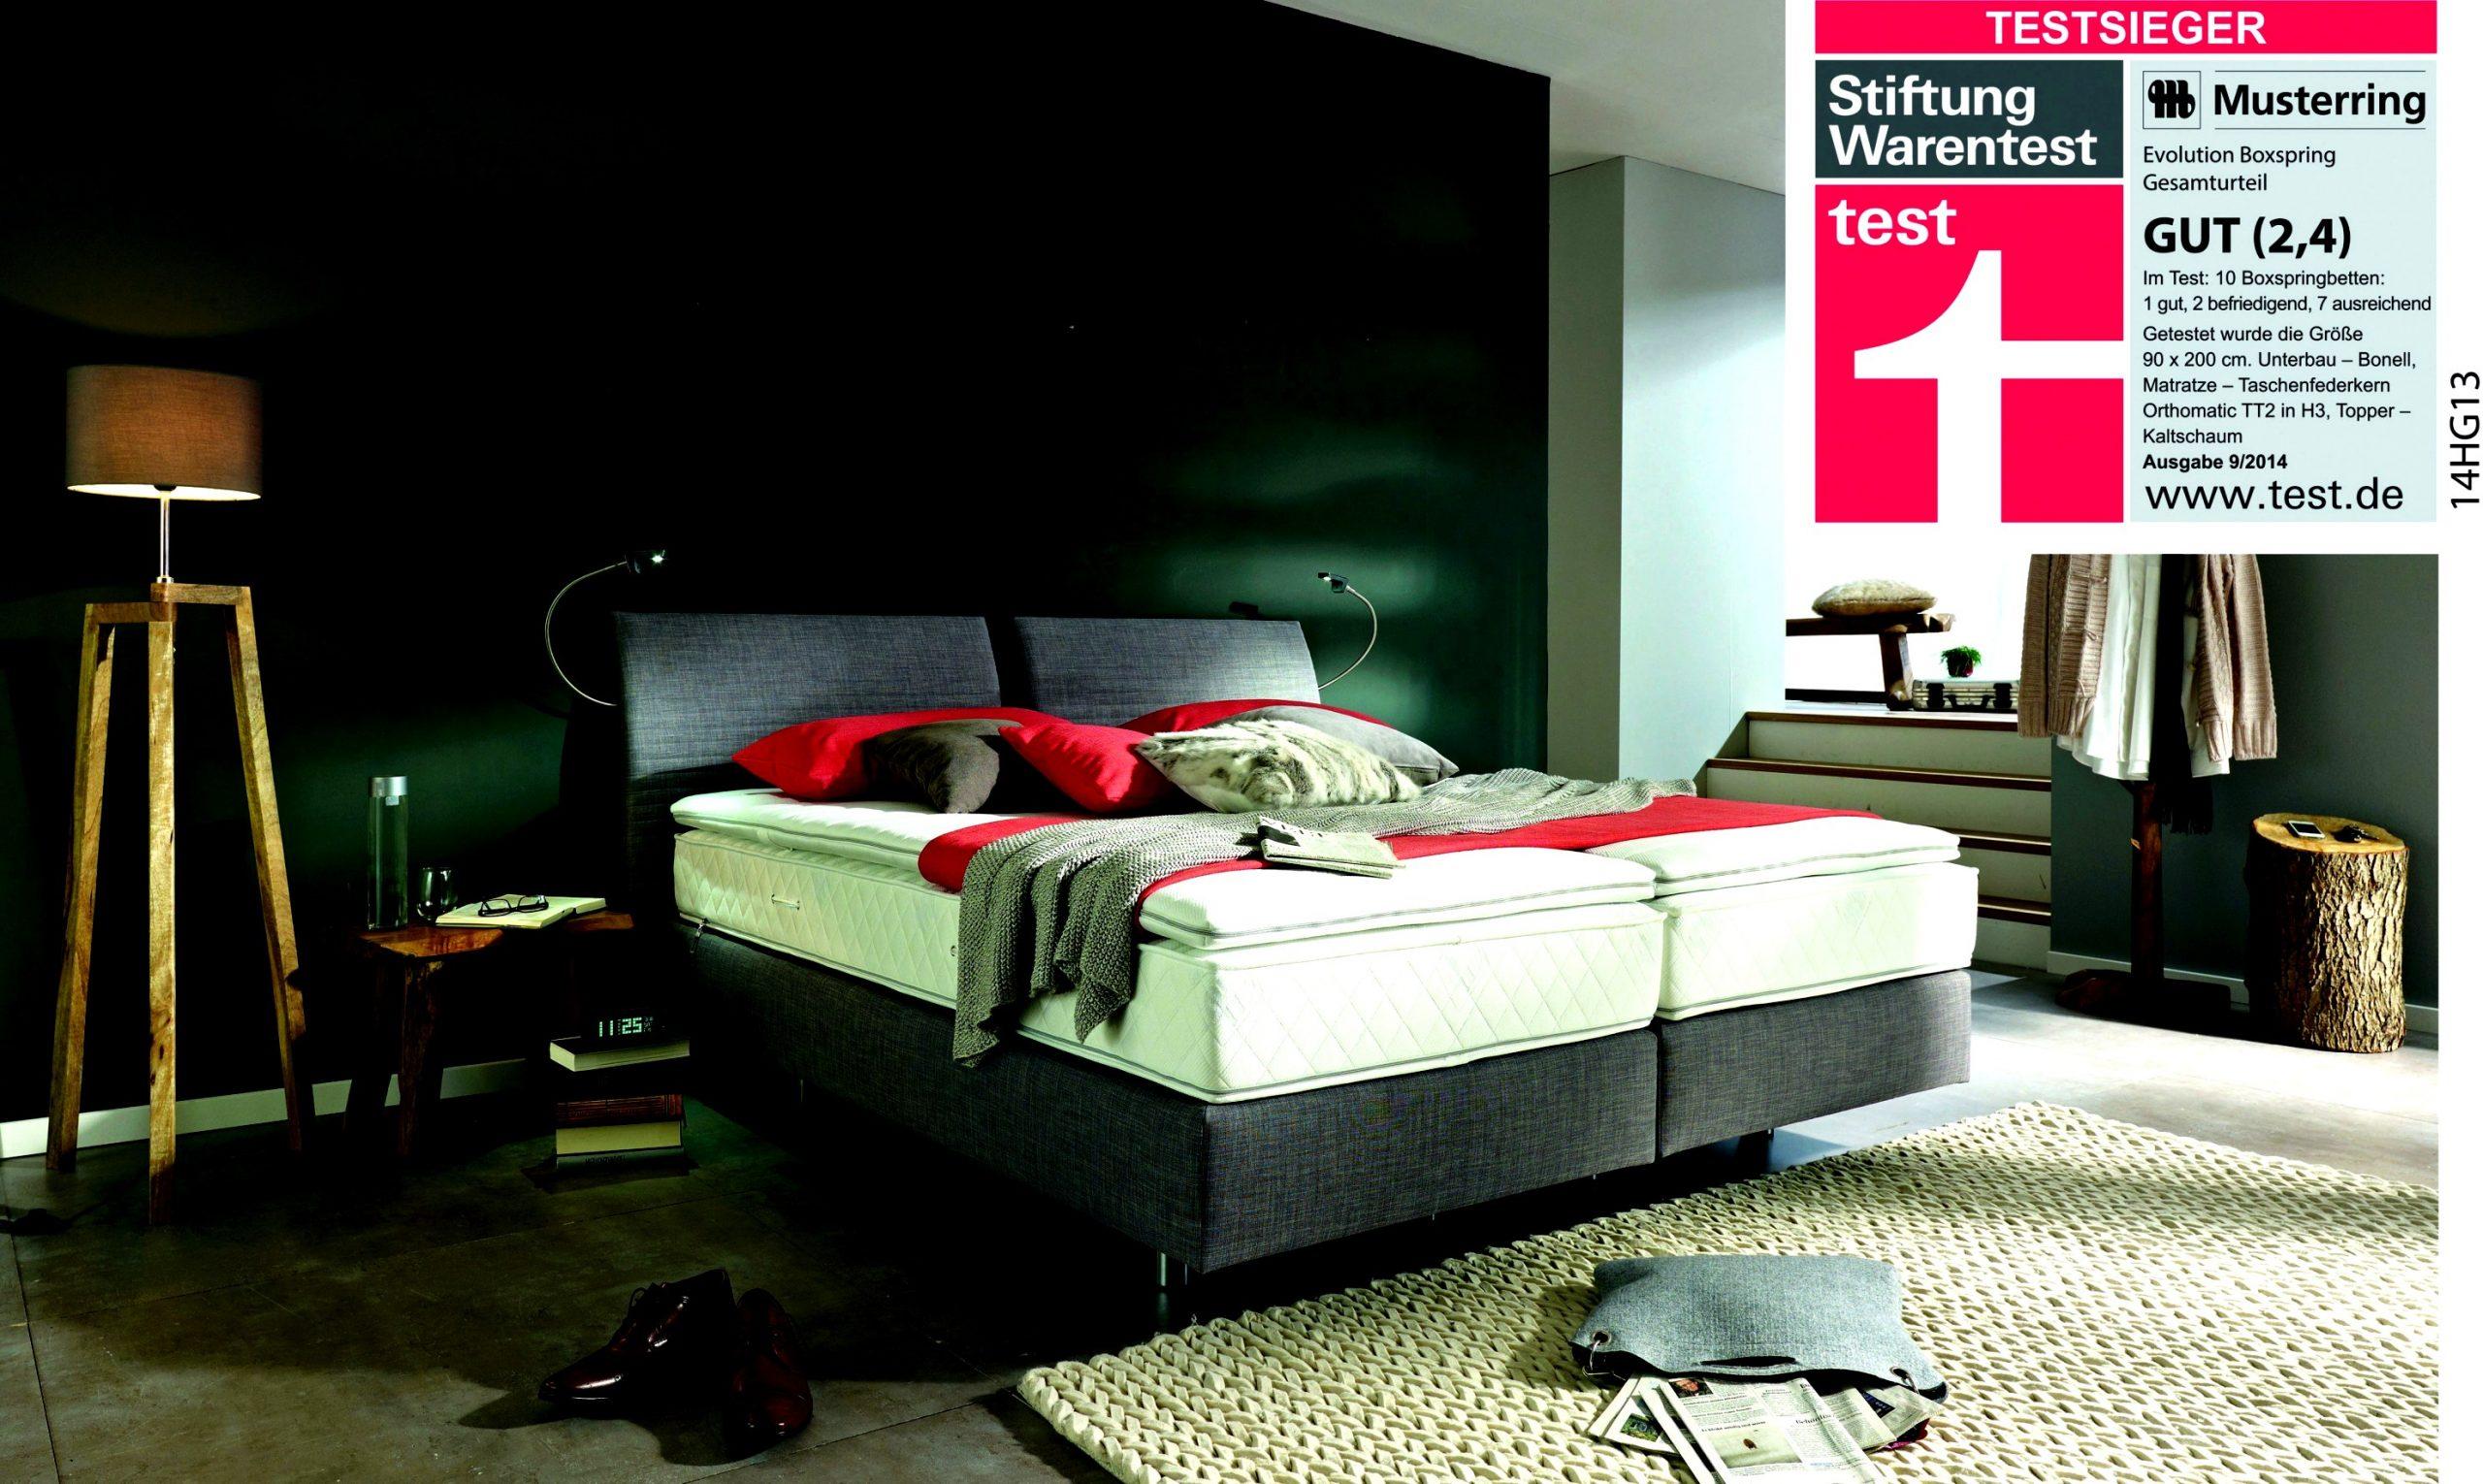 Full Size of Xxl Betten Bett Great With Runde Hülsta Outlet Luxus Kopfteile Für Günstig Kaufen 180x200 Somnus Trends Amazon Test 140x200 Coole Rauch Hohe Dico Oschmann Bett Xxl Betten